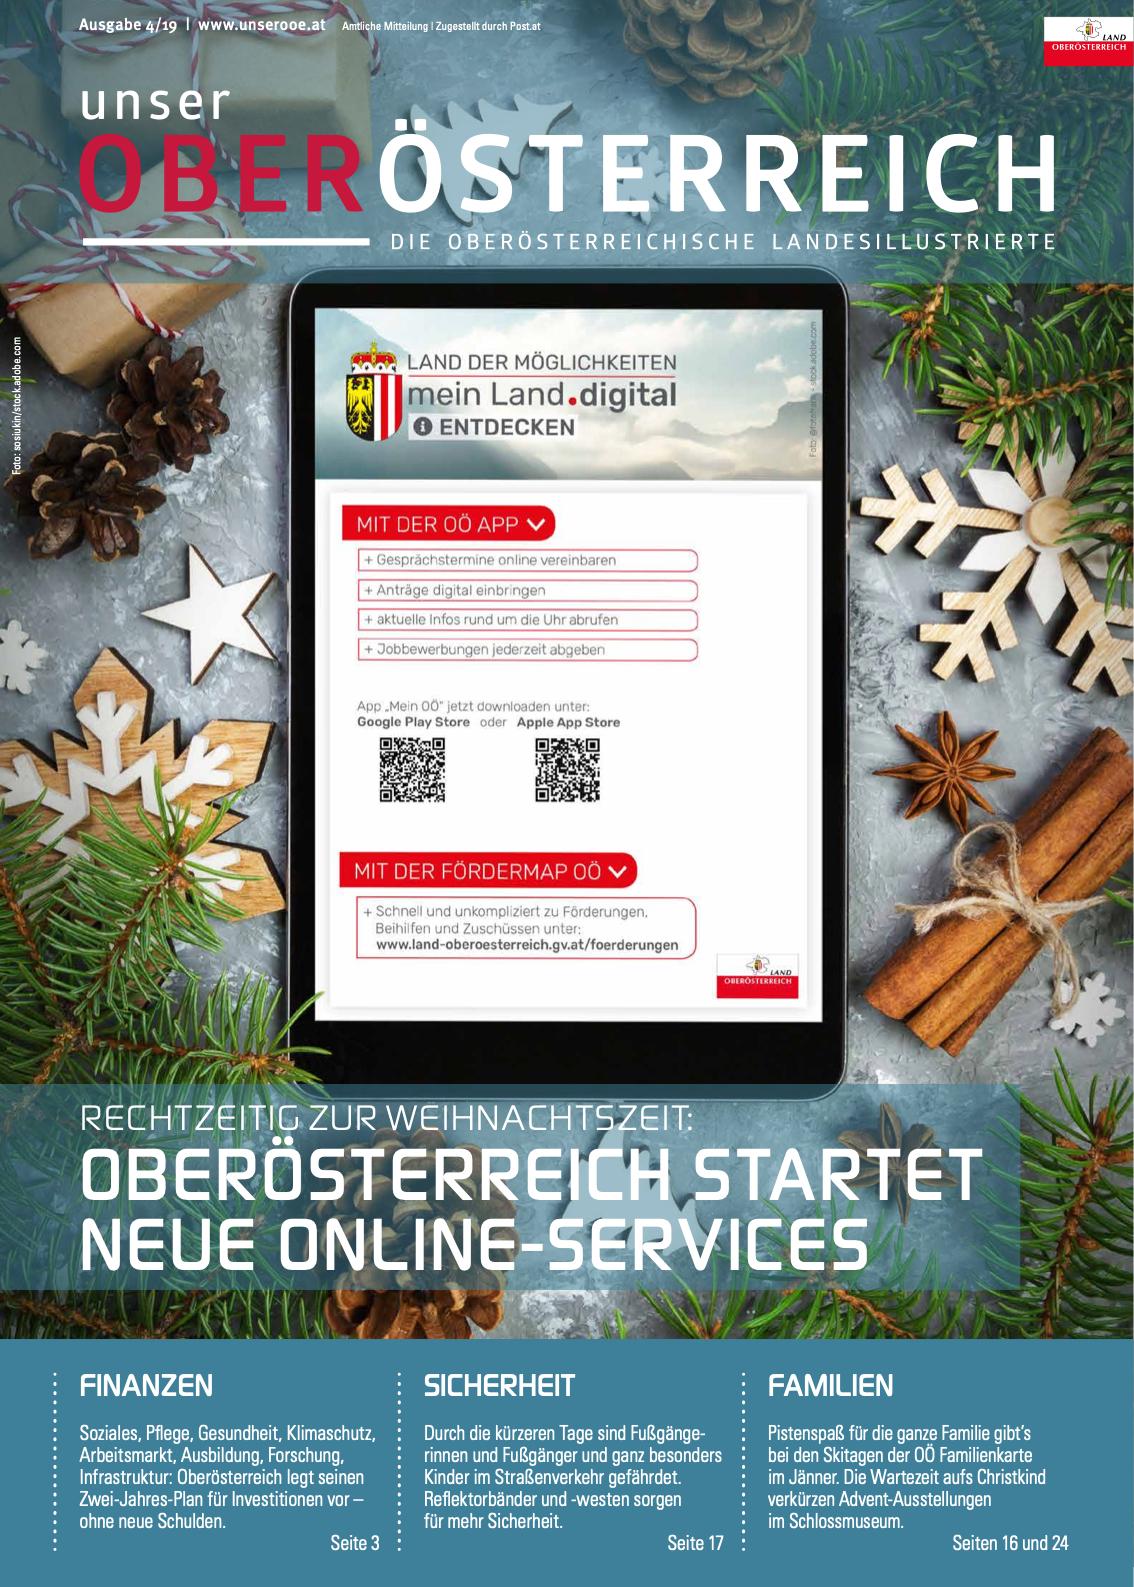 Deckblatt der aktuellen Ausgabe von Unser Oberösterreich